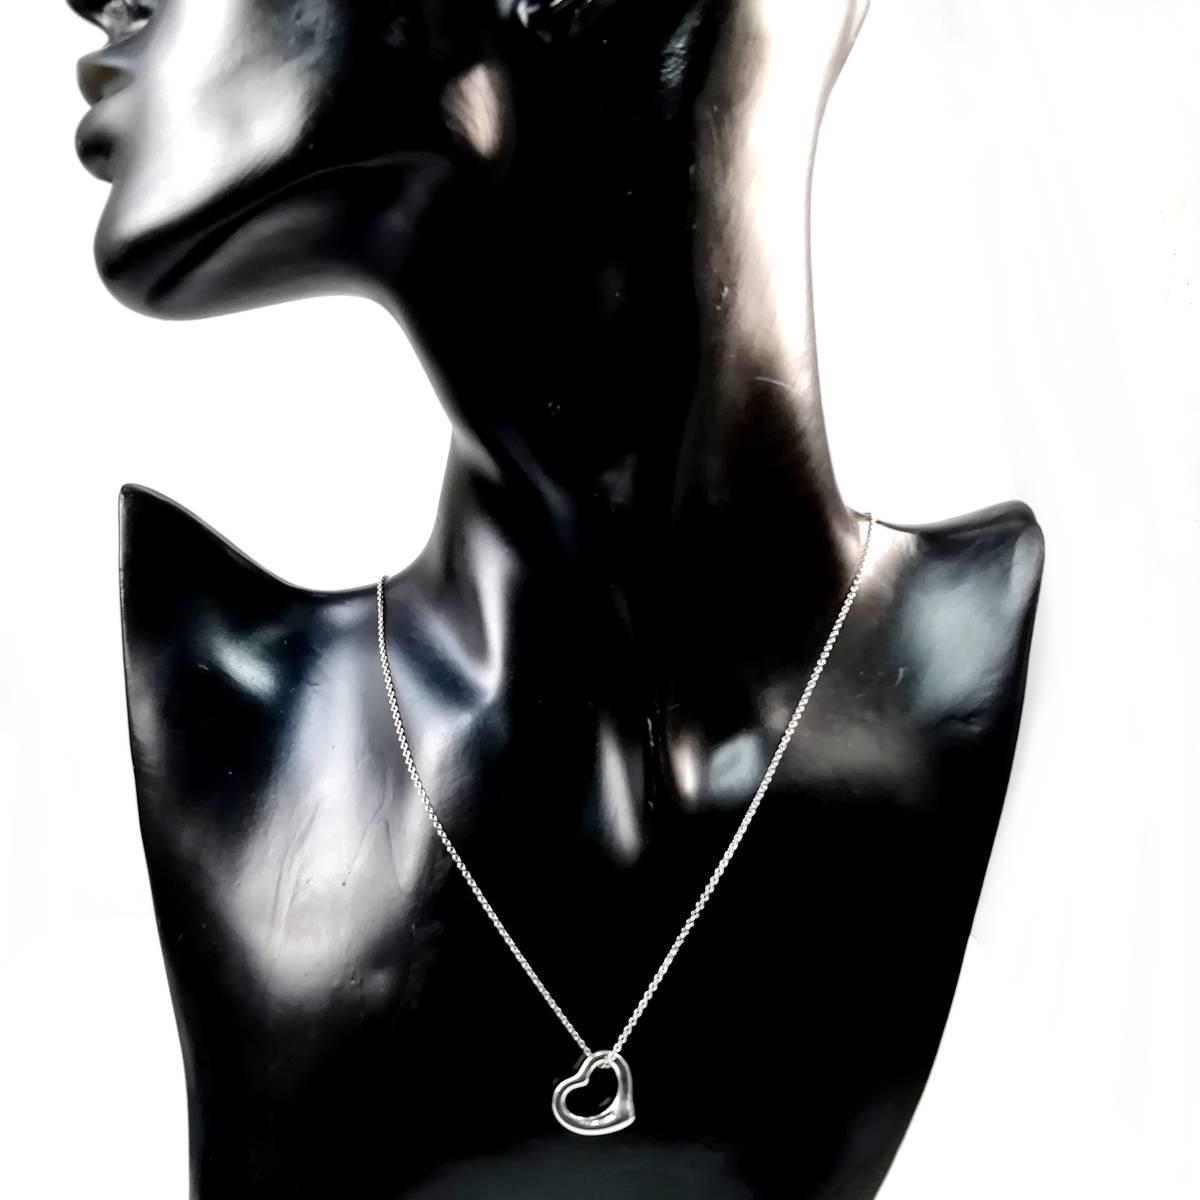 【送料無料】 美品 Tiffany&Co. ティファニー オープン ハート ネックレス シルバー SV925 レディース YL24_画像3